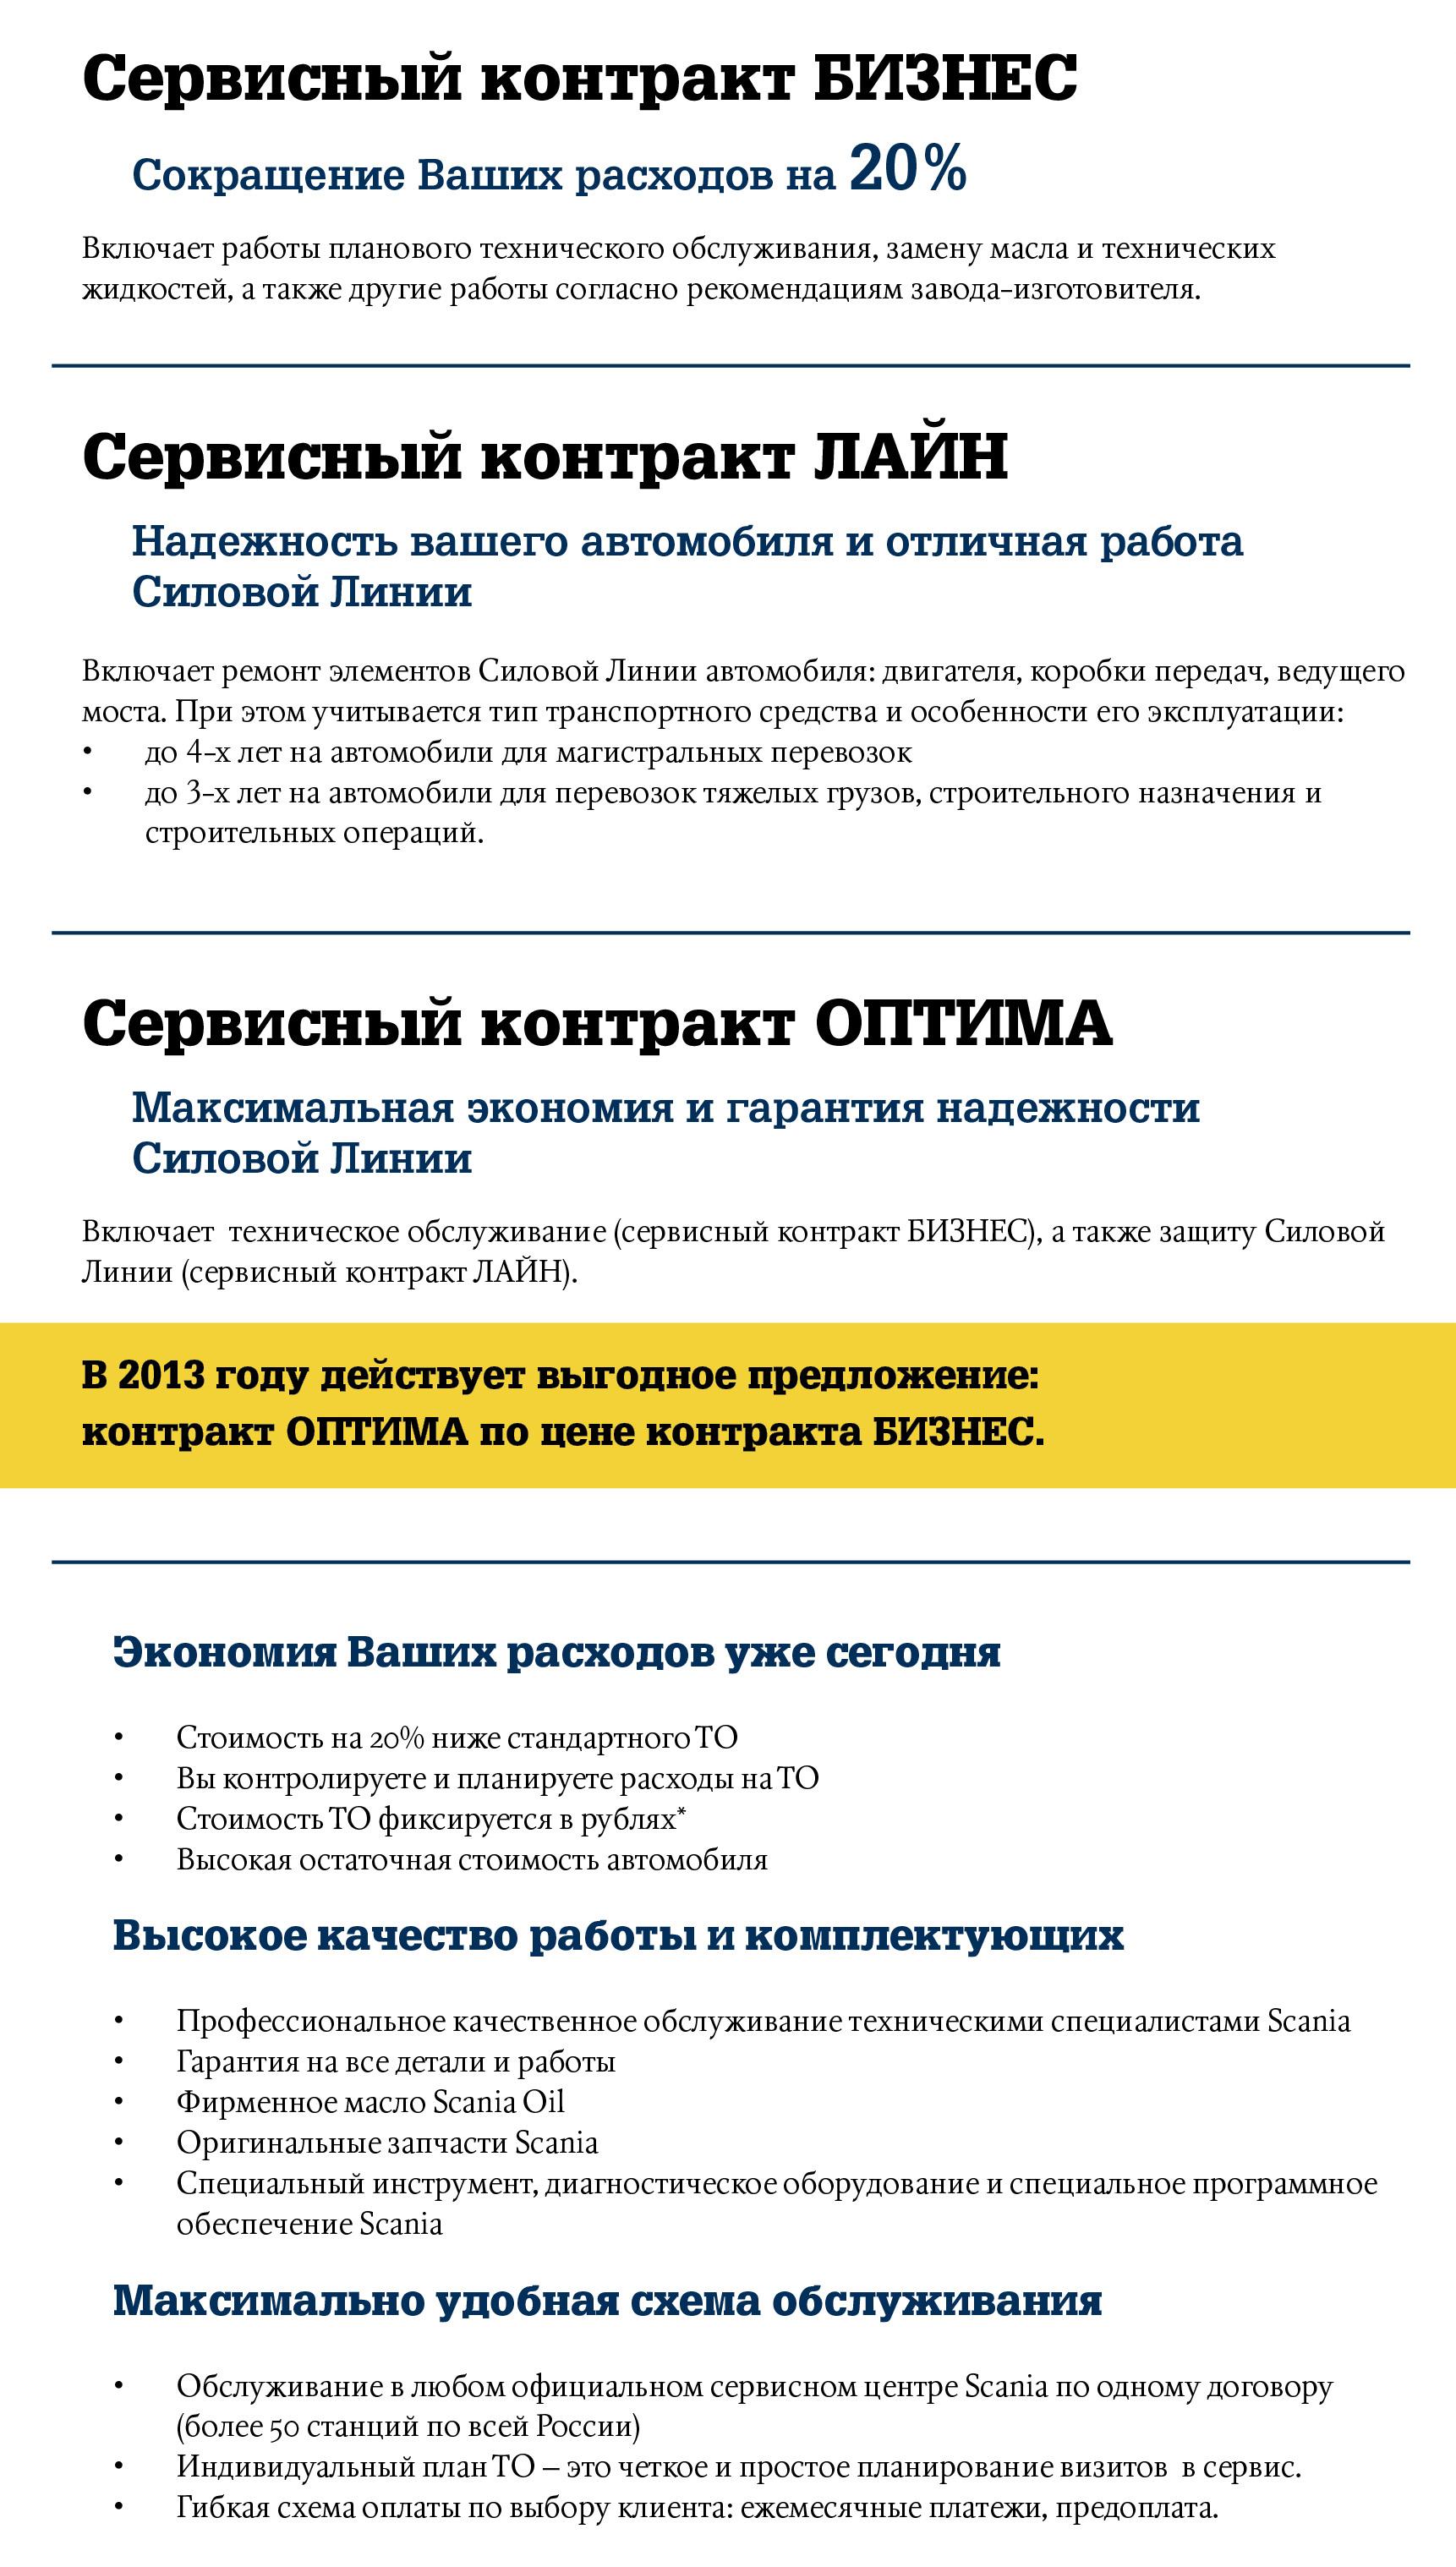 сервисные контракты scania бизнес оптима лайт